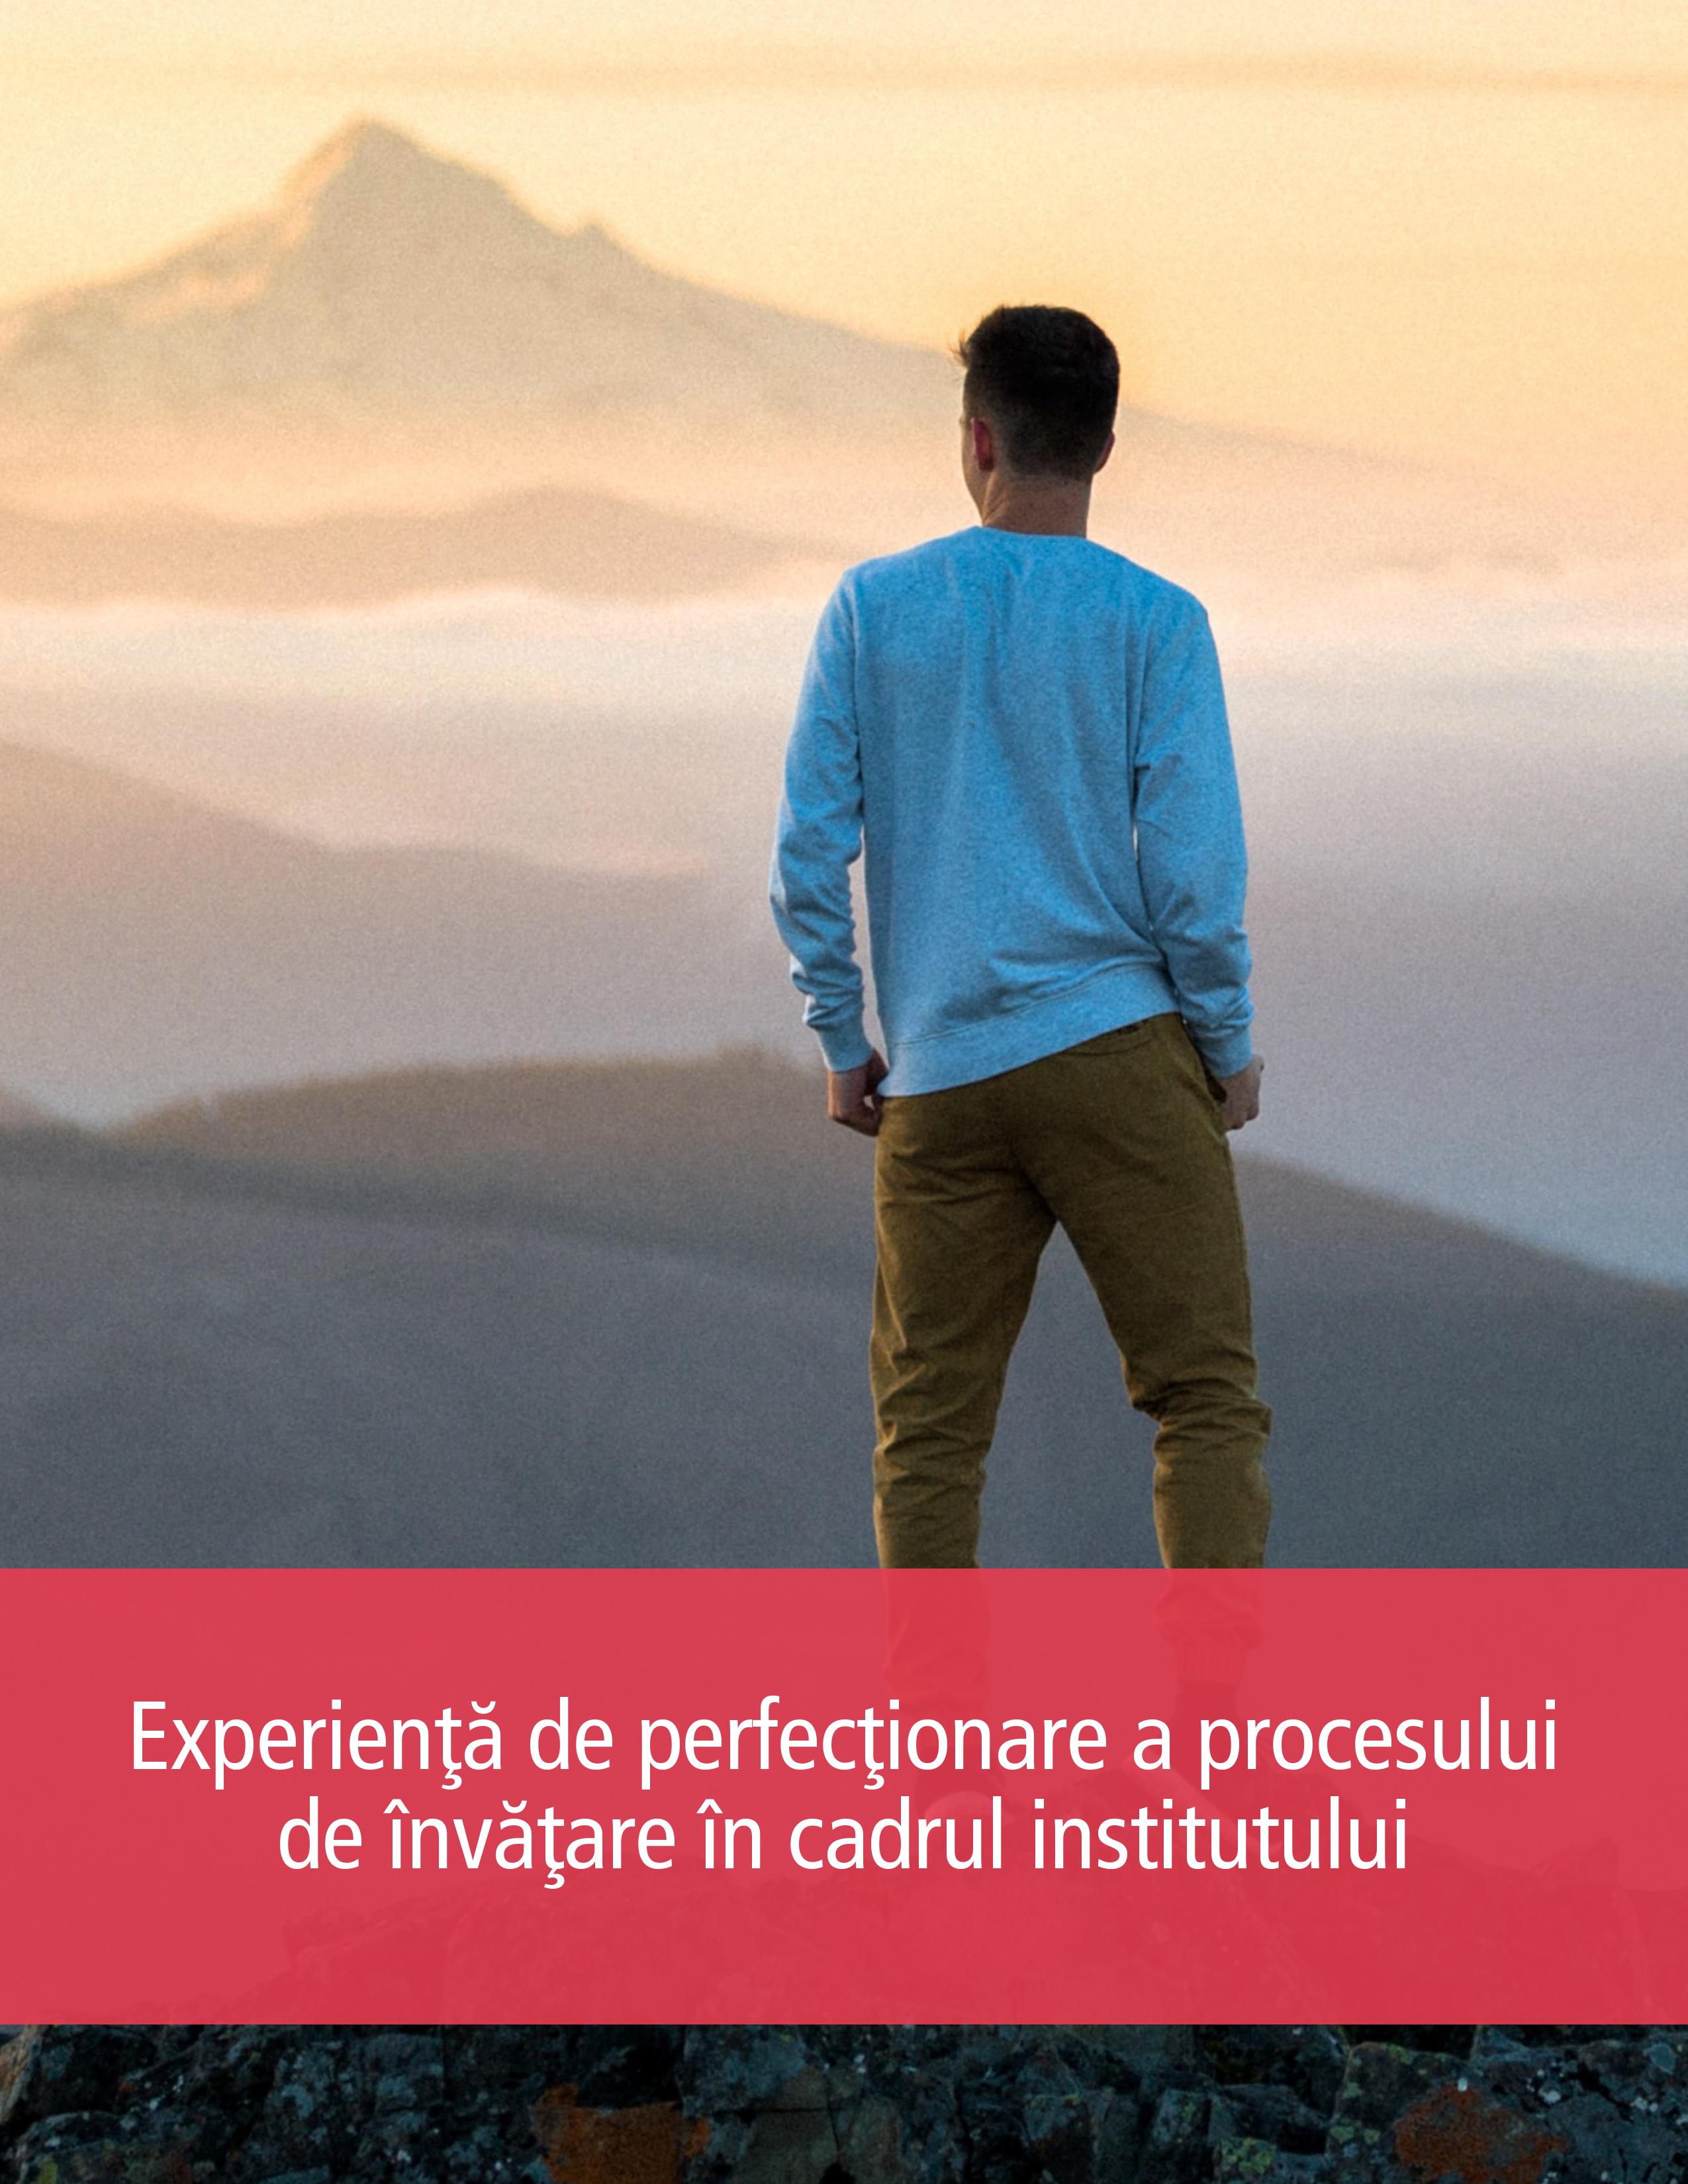 Experienţă de perfecţionare a procesului de învăţare în cadrul institutului